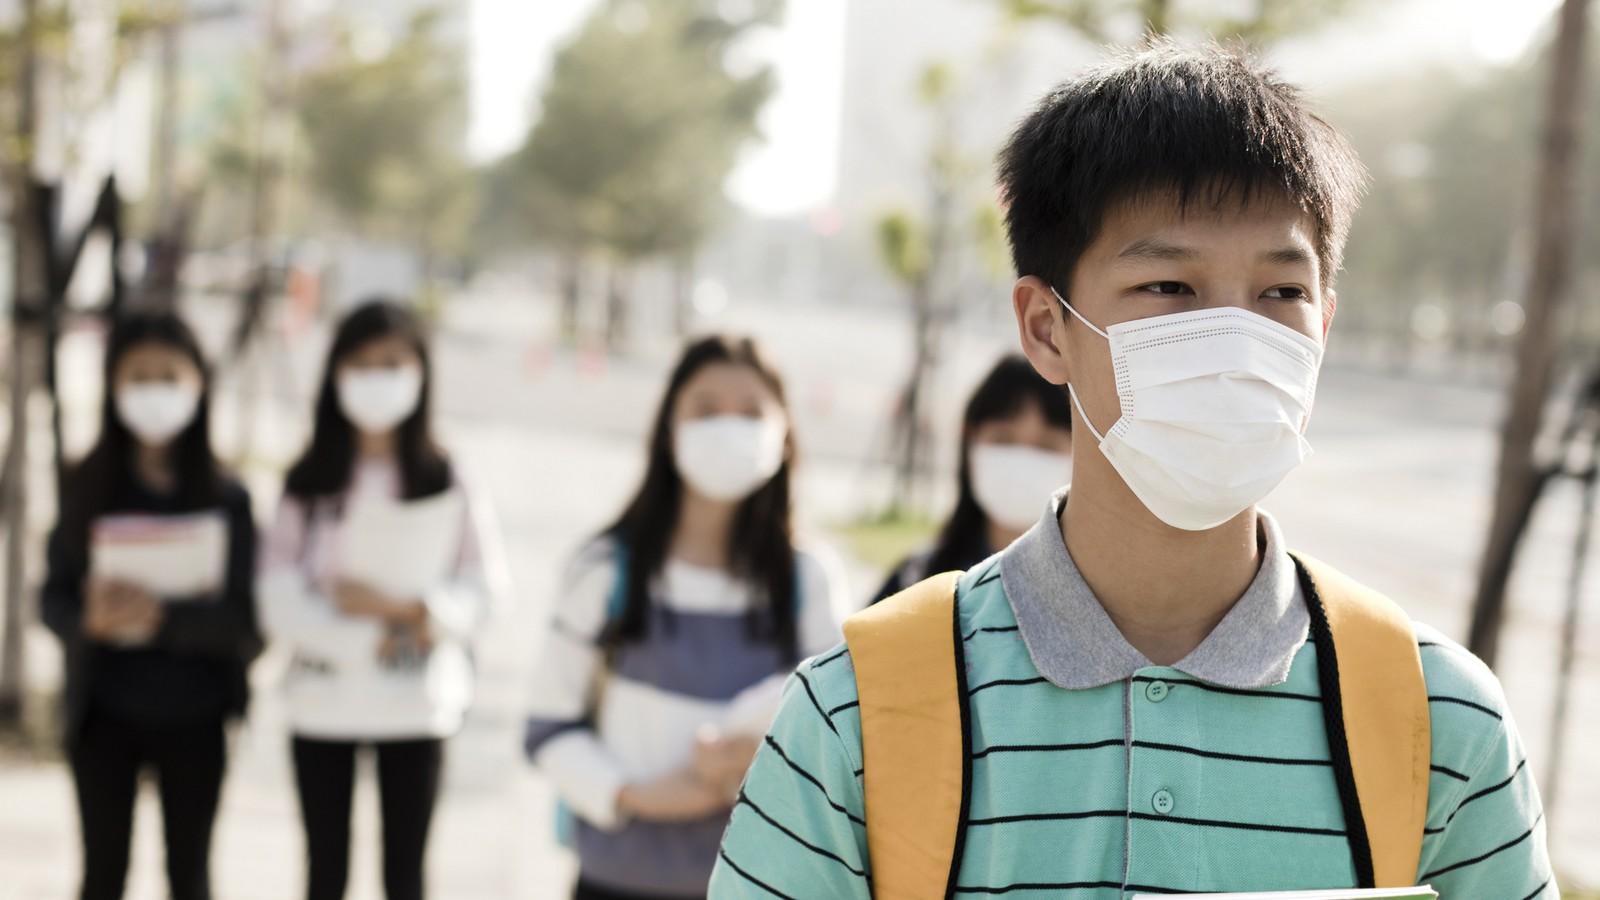 Ein Teenager mit Schutzmaske